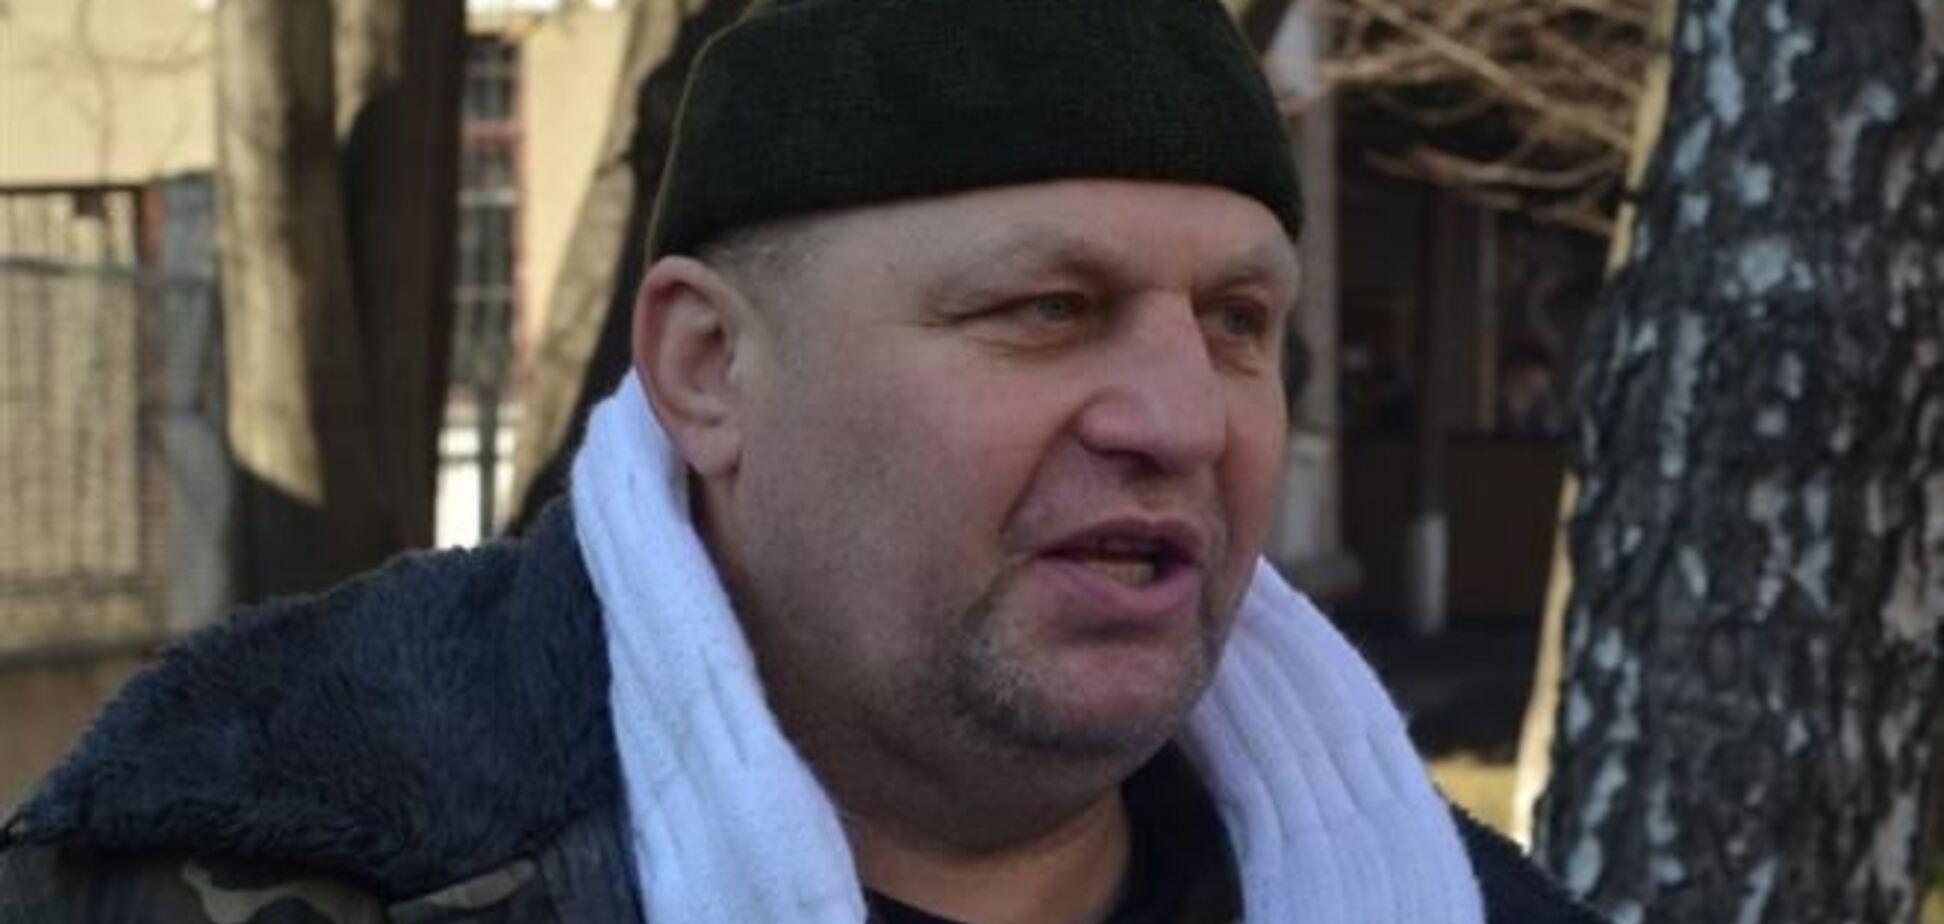 Милиция при задержании Музычко действовала правомерно – результаты расследования